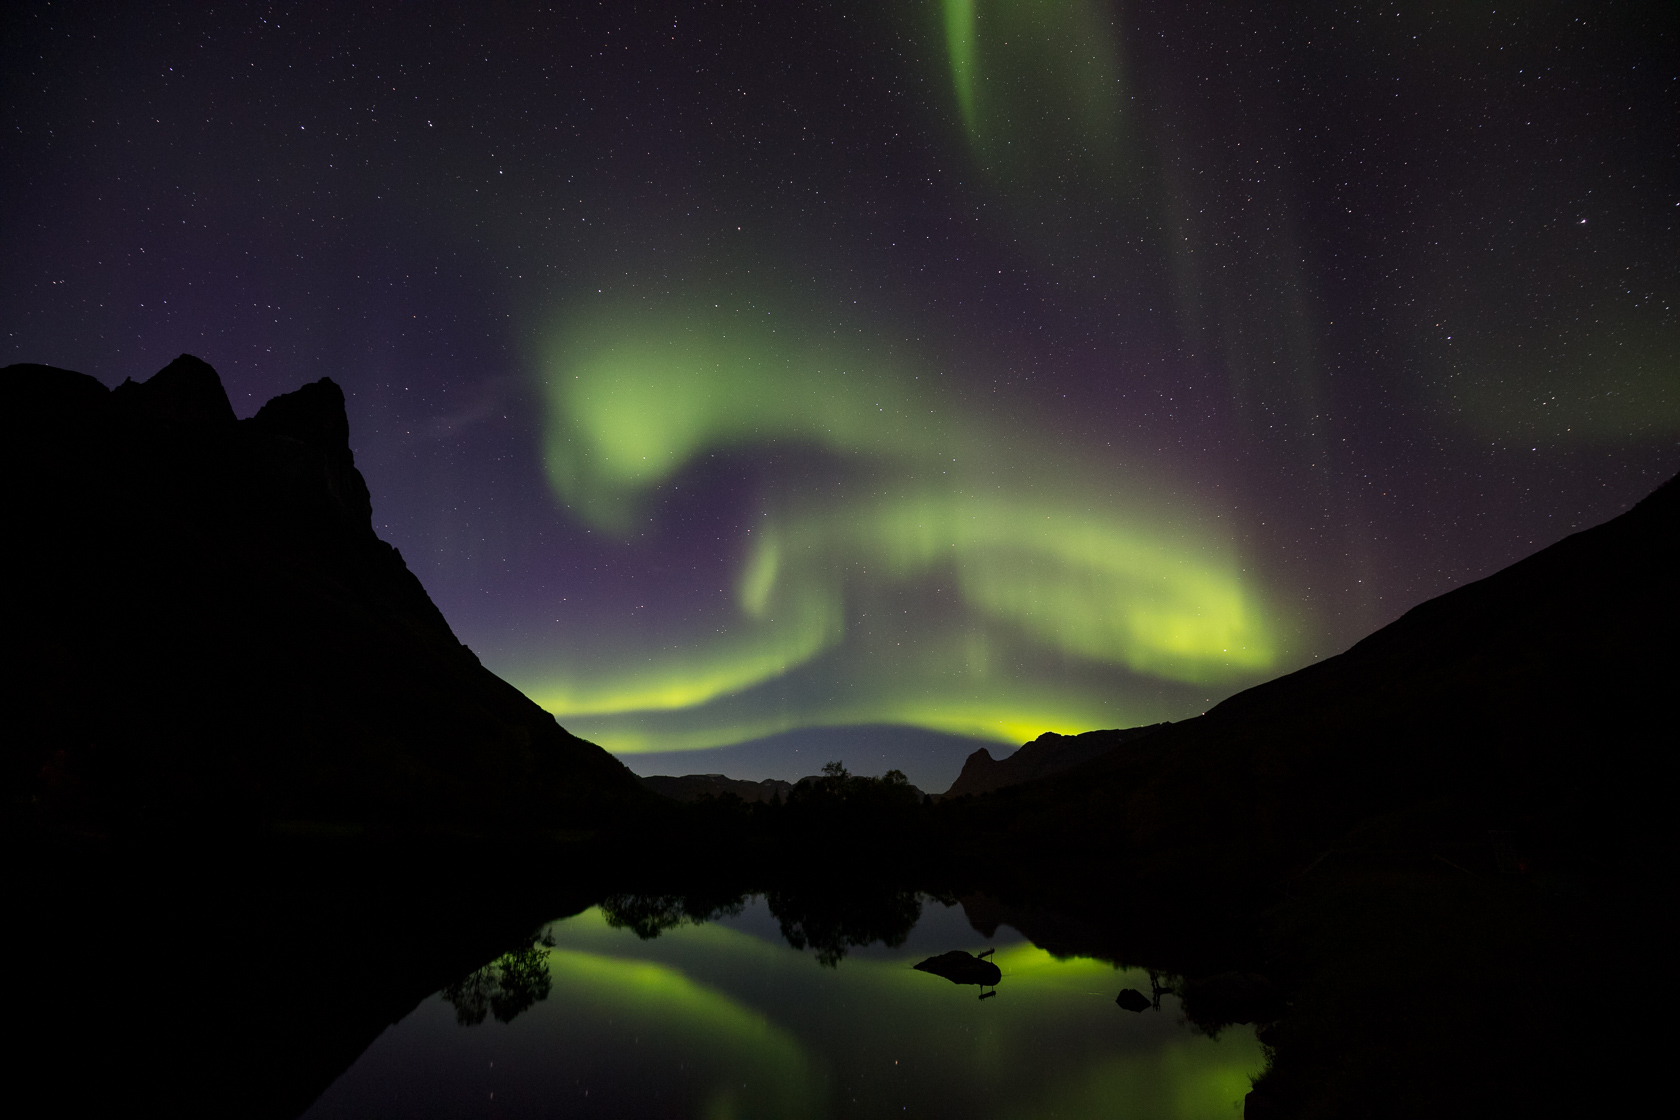 Aurores boréales et leurs reflets près de l'Otertinden, dans le région de Tromsø, en Norvège